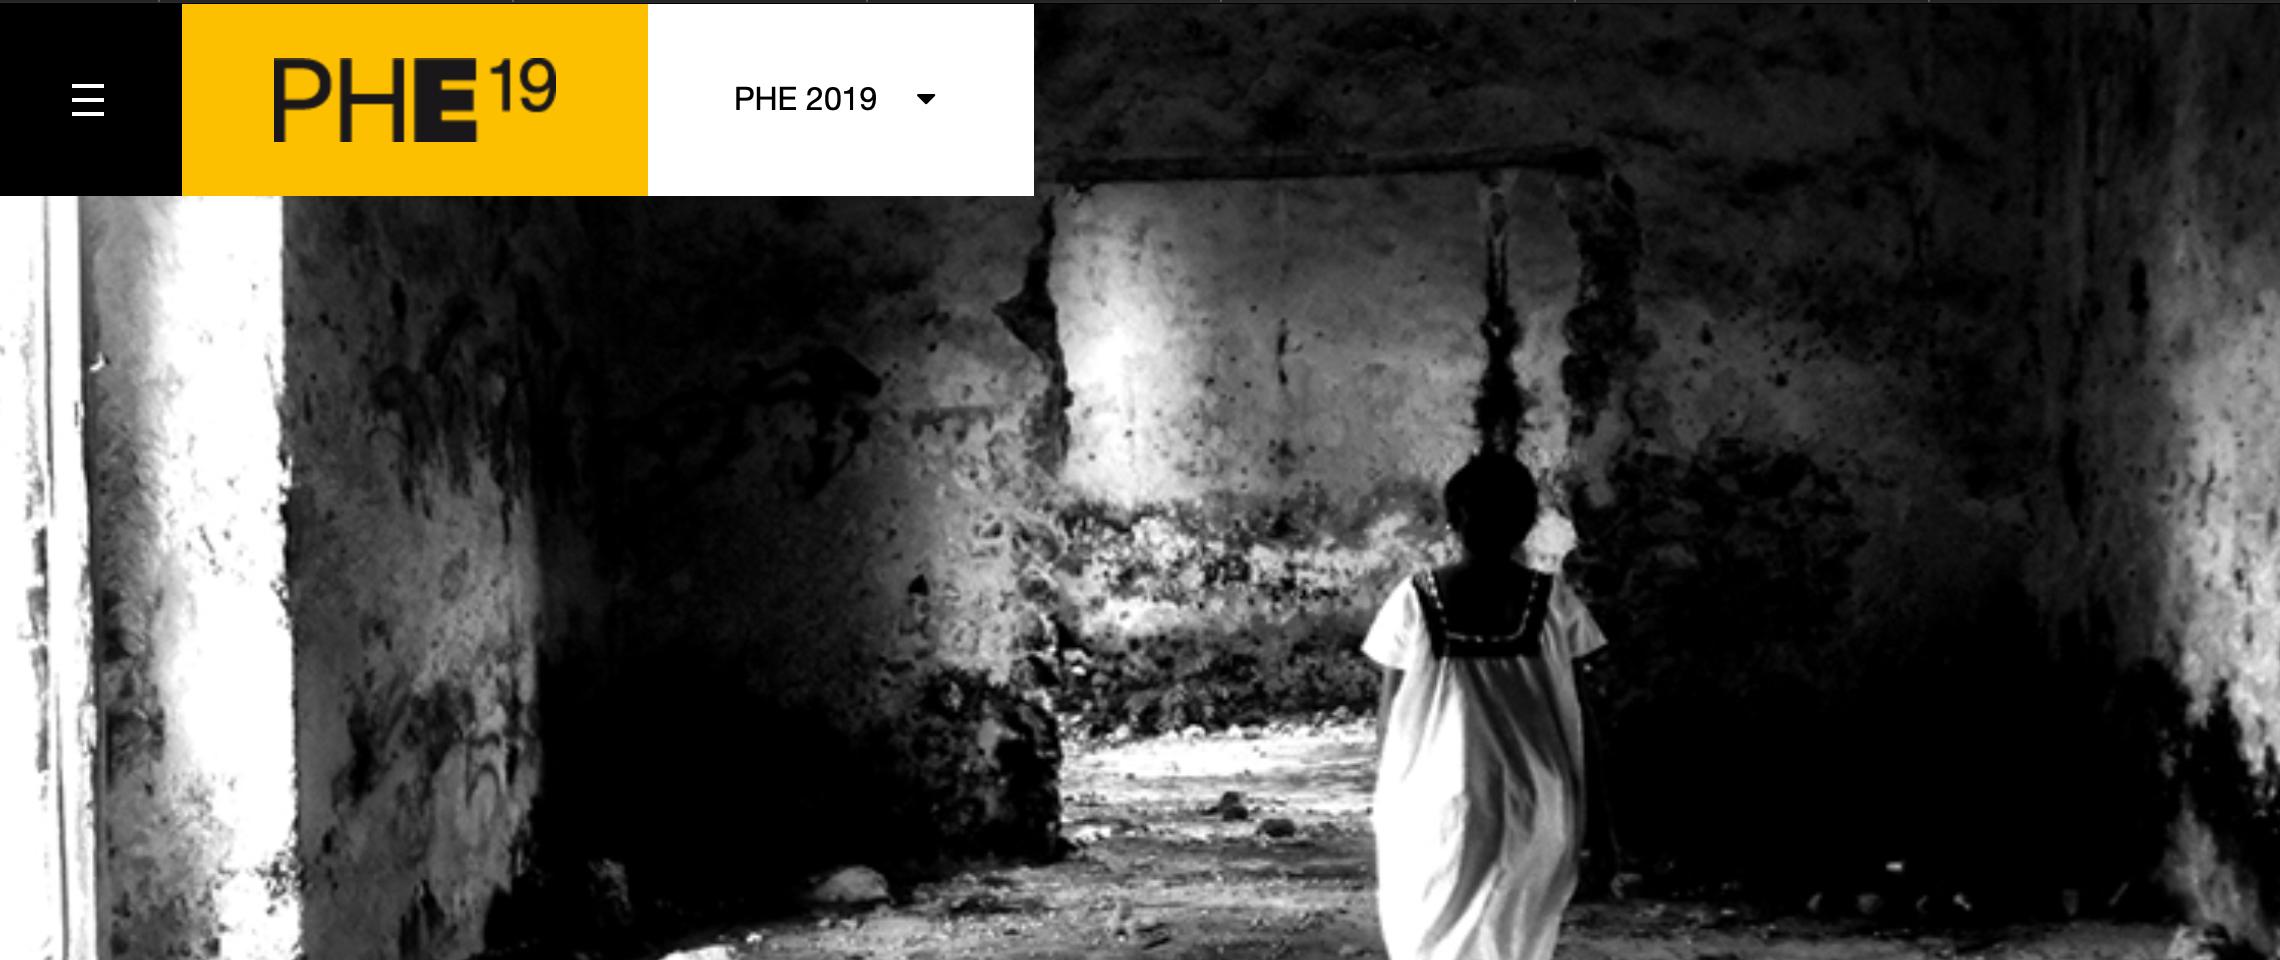 Descubrimientos PHE 19.png